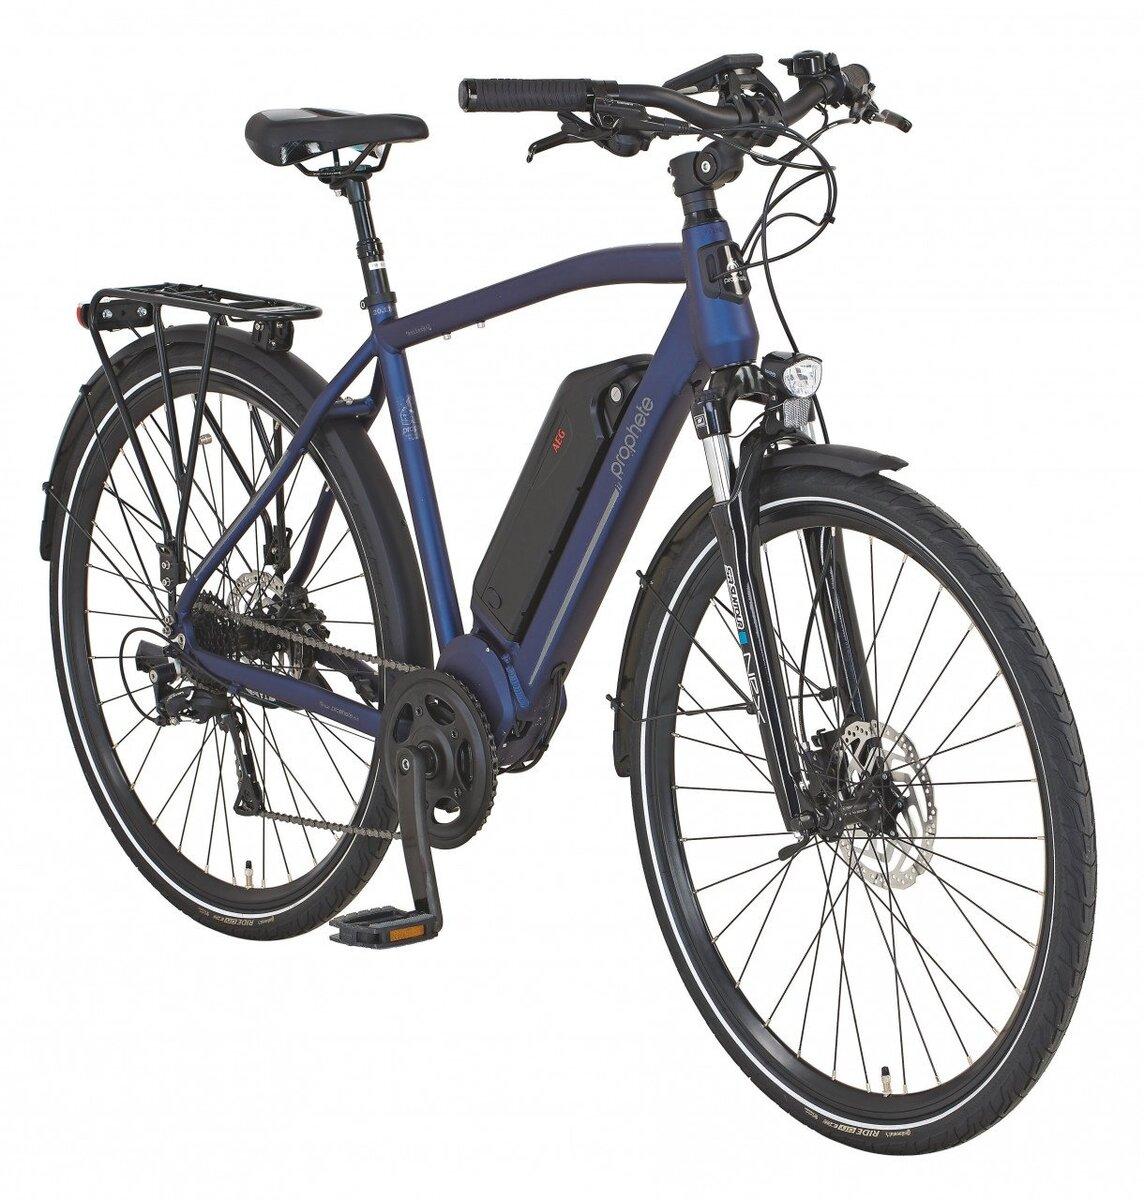 Bild 1 von Prophete Entdecker Trekking E-Bike Herren 28'' 21.EMT.10